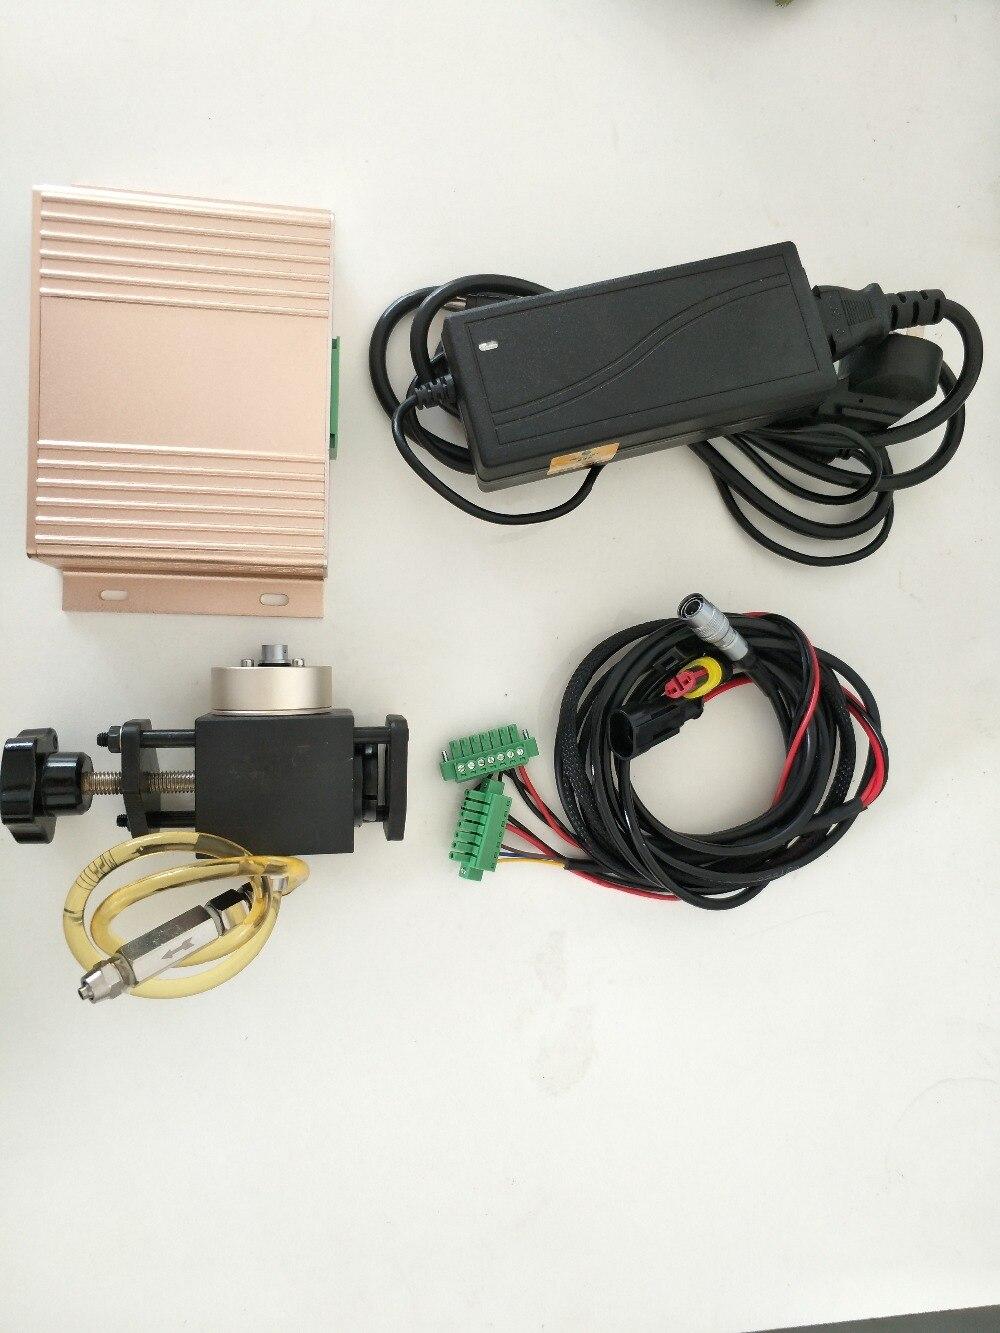 BIP инжектор ответ прибор для определения времени поддерживает различные common rail тестовый стенд common rail Инжектор HEUI инжектор EUI/EUP сопла